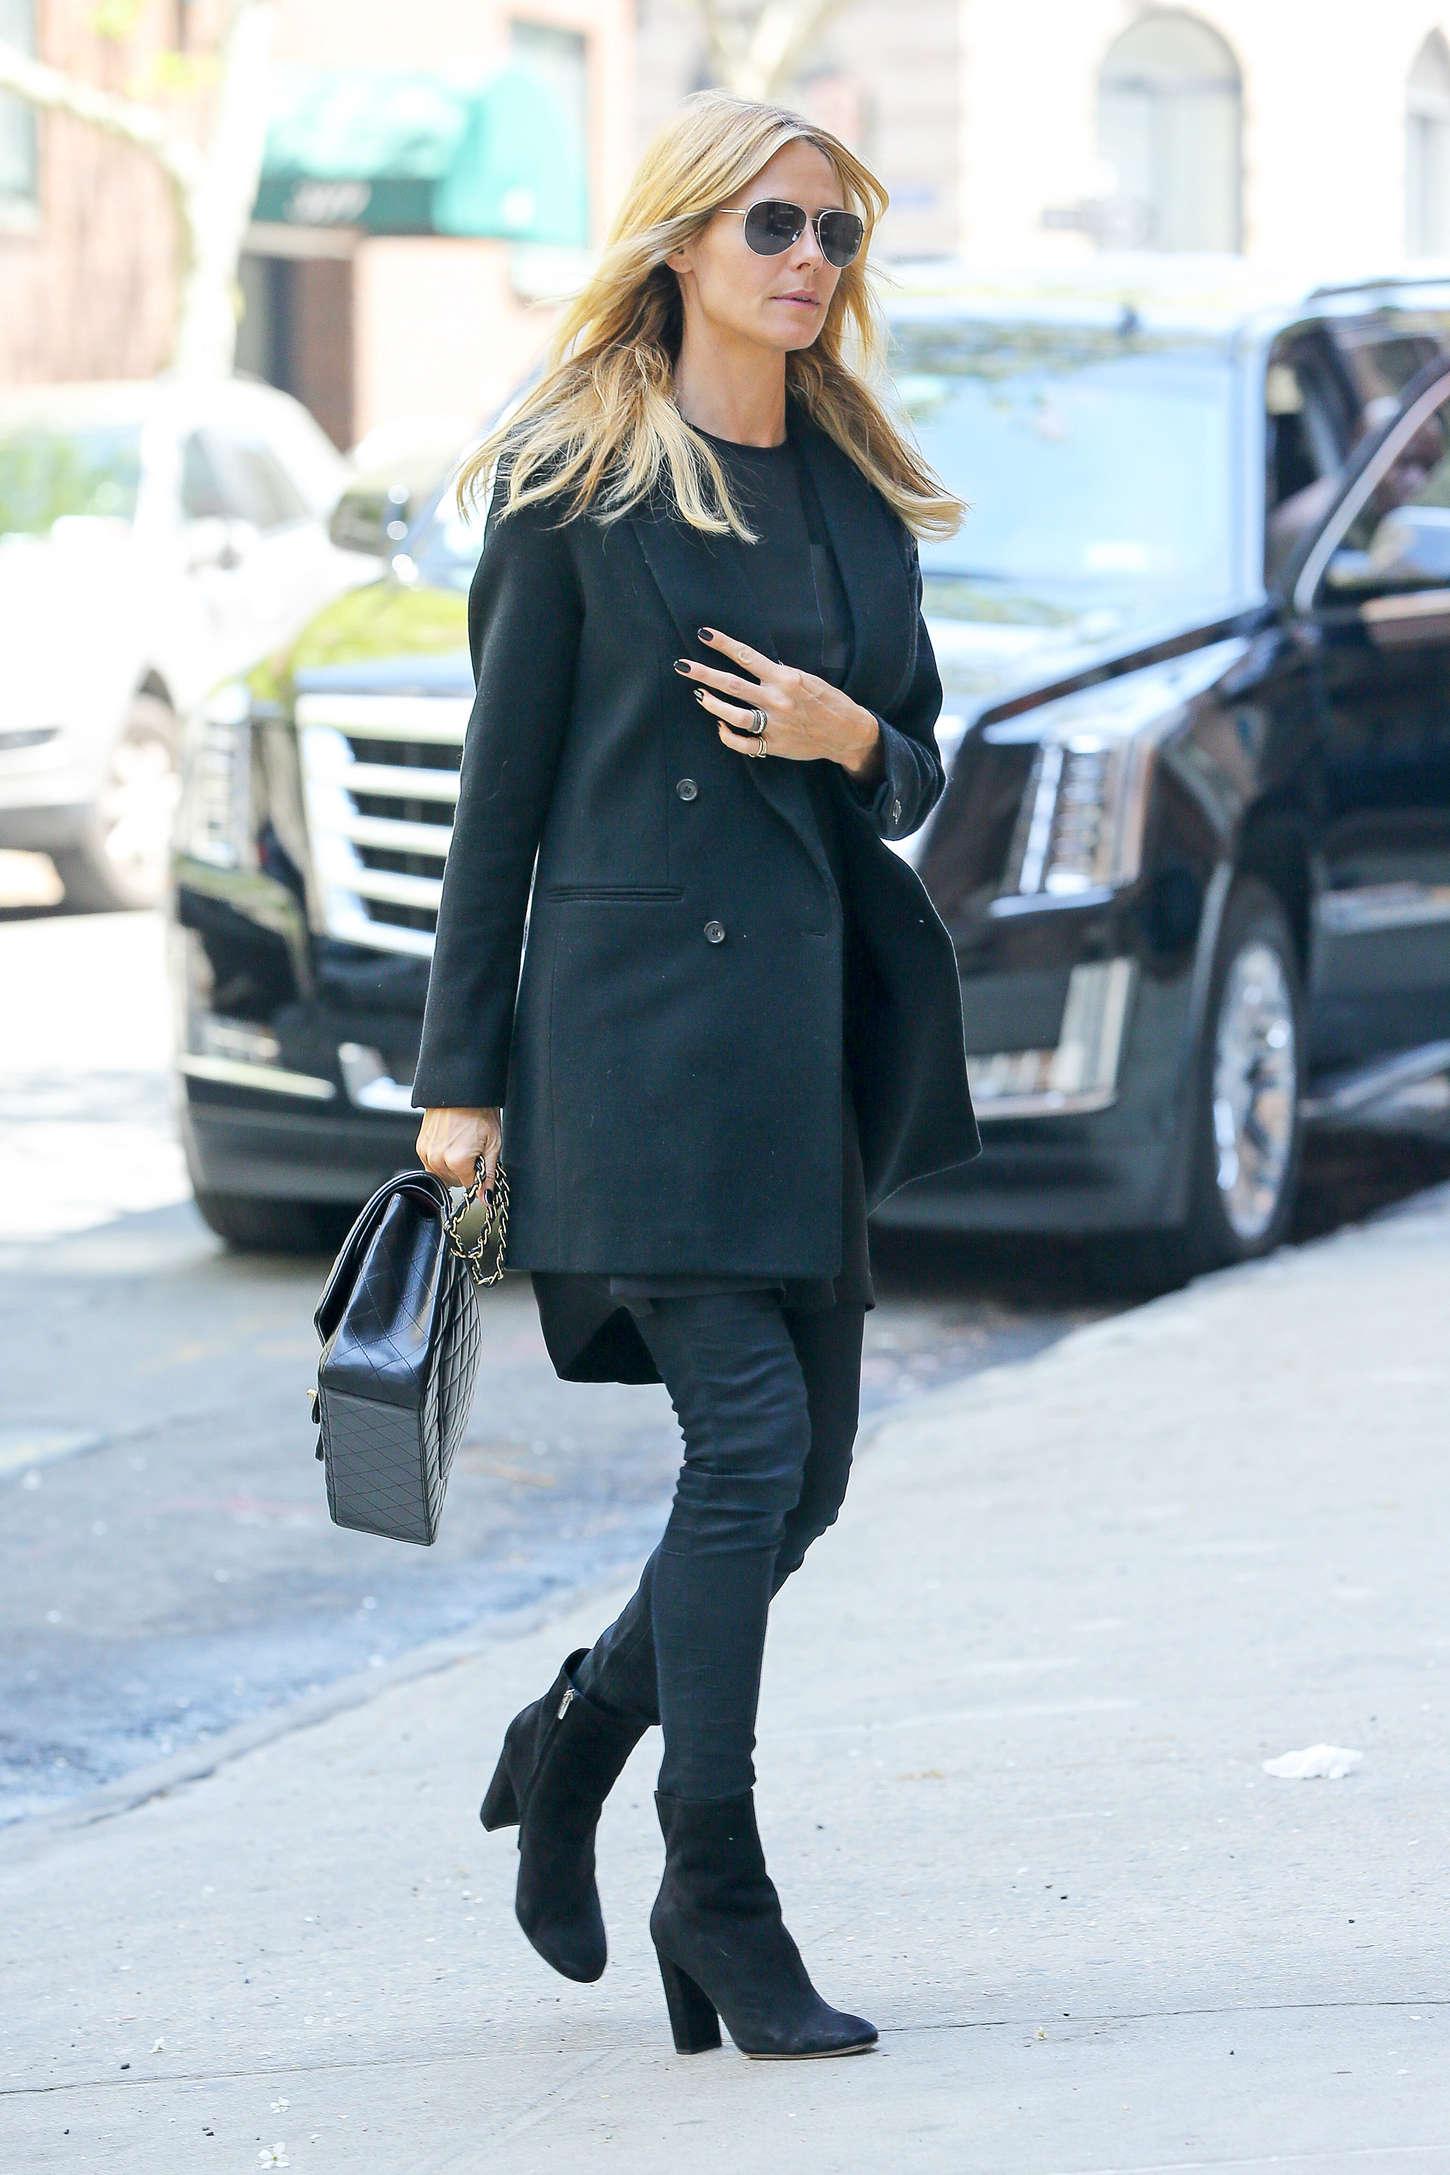 Heidi Klum 2015 : Heidi Klum in jeans -27